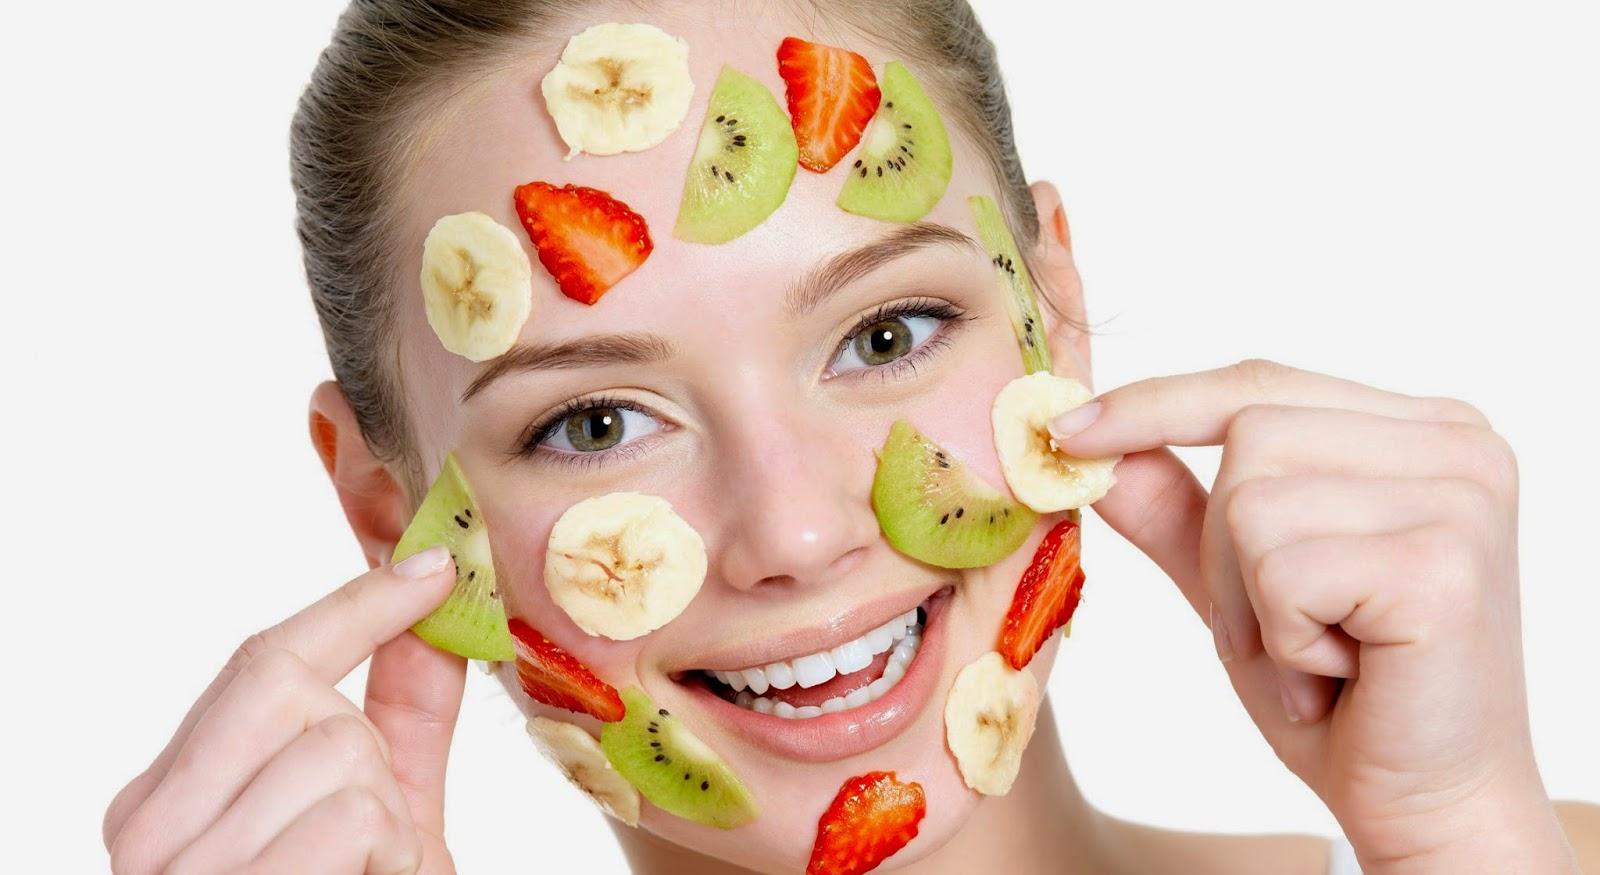 Hướng dẫn cách chăm sóc da mặt bị nám - tàn nhang2